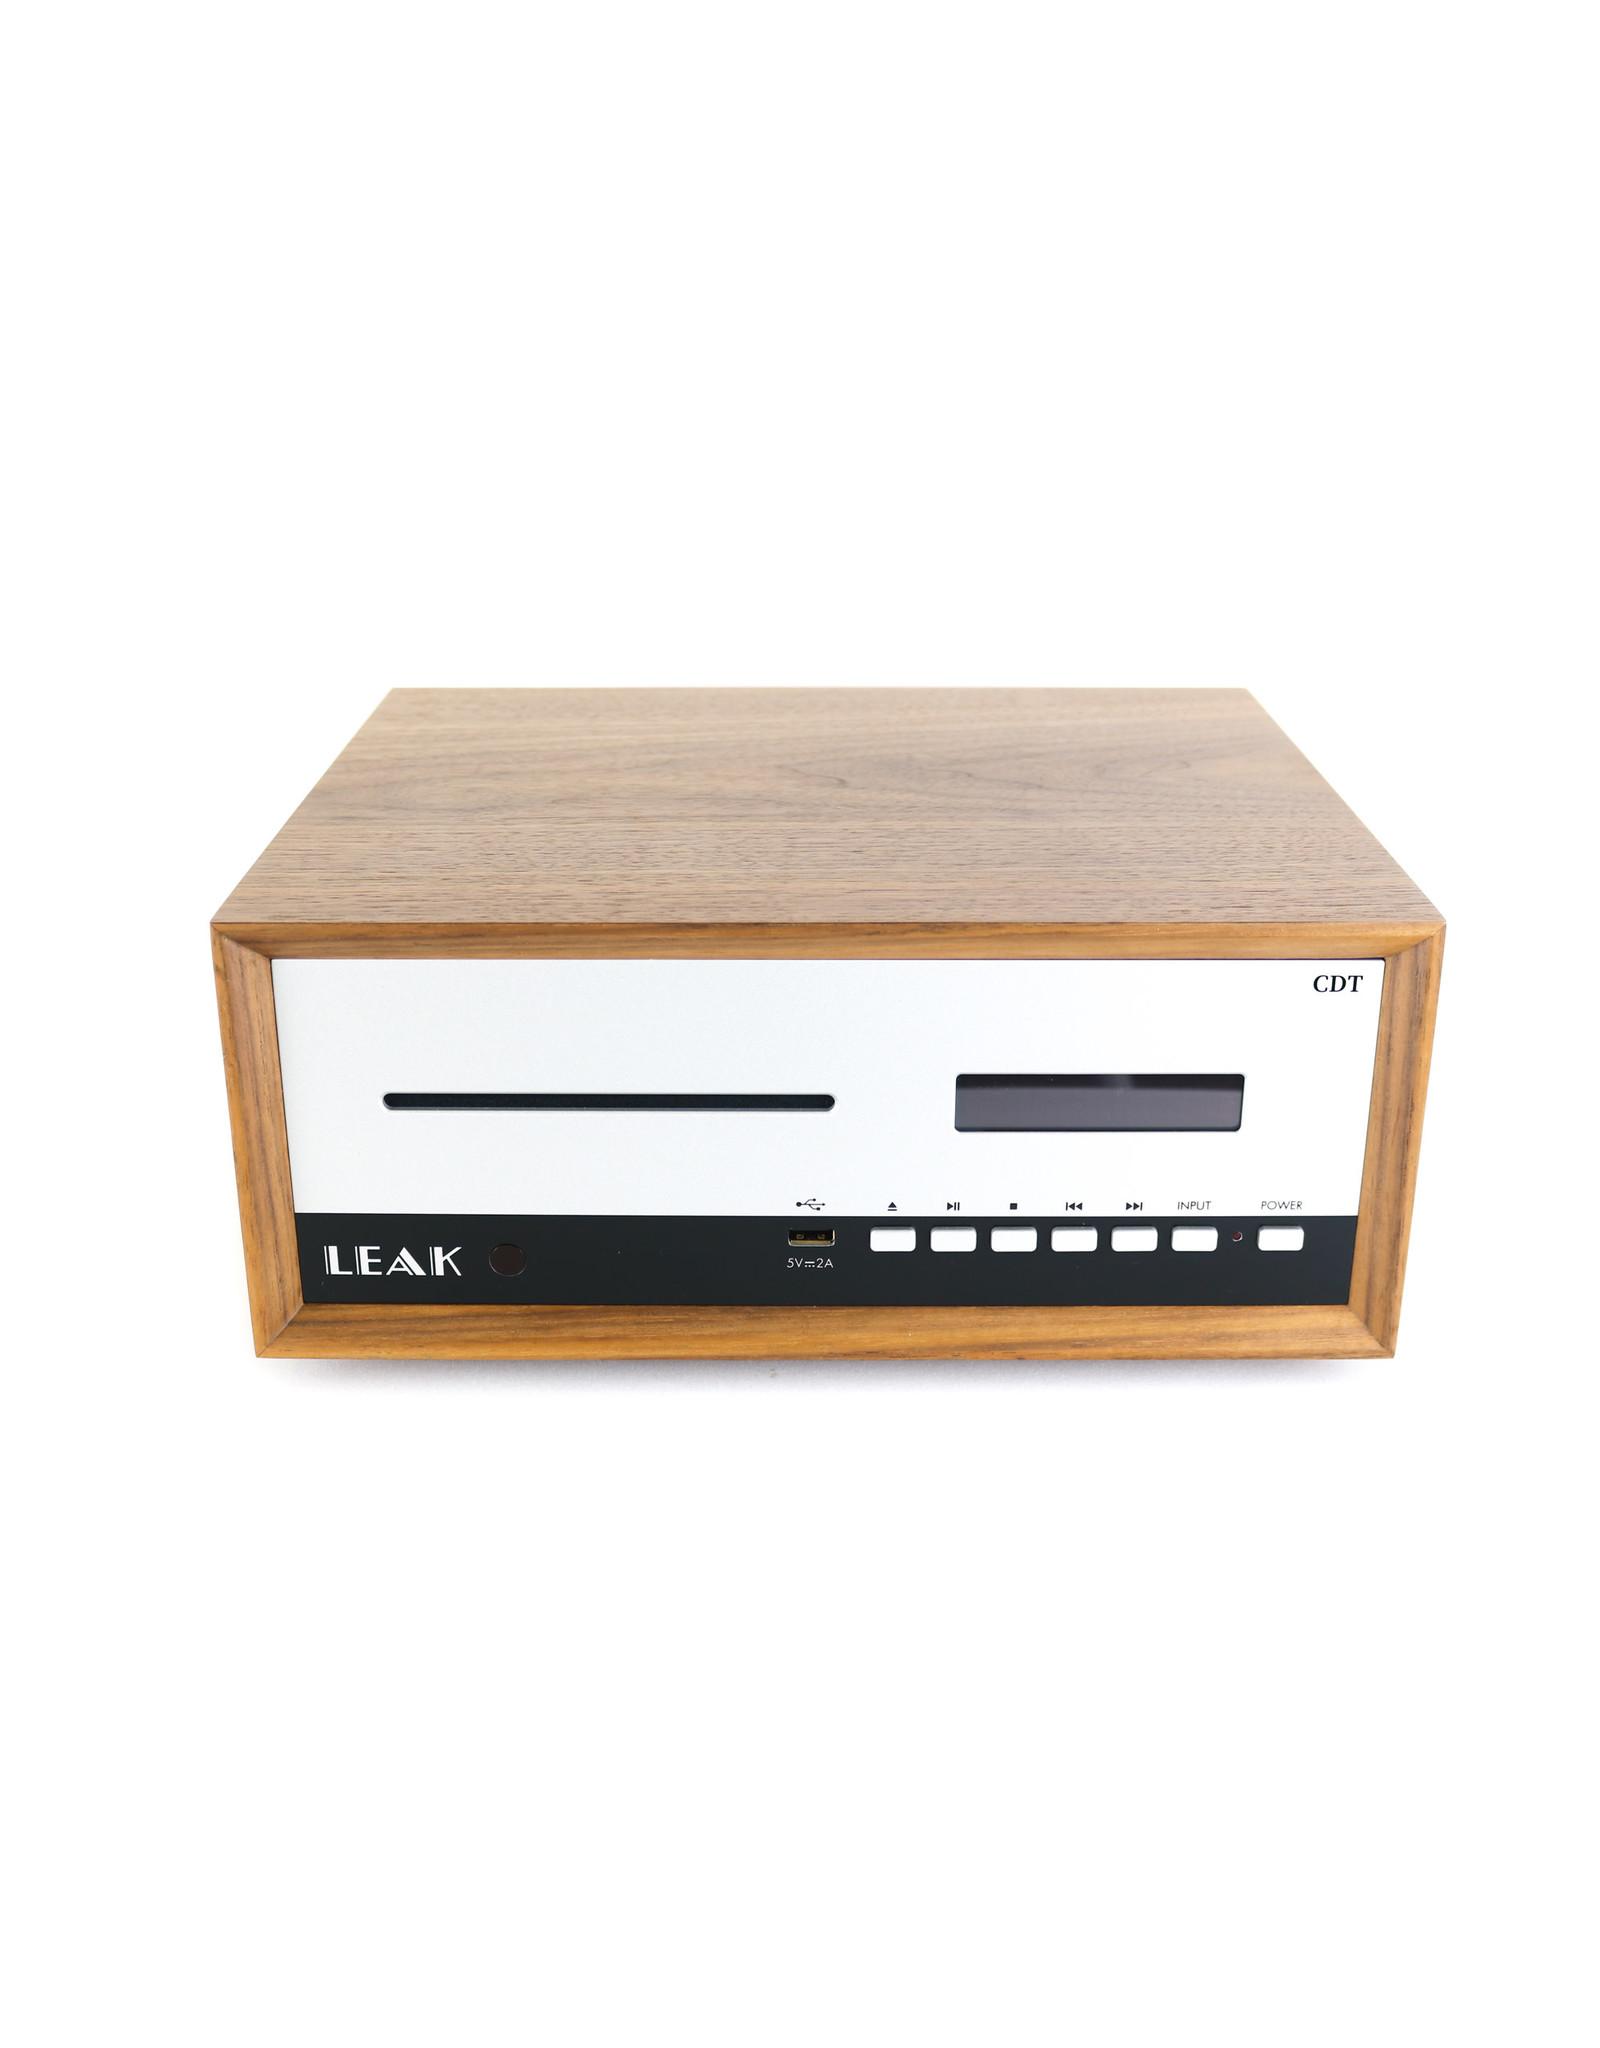 Leak LEAK CDT CD Transport OPEN BOX